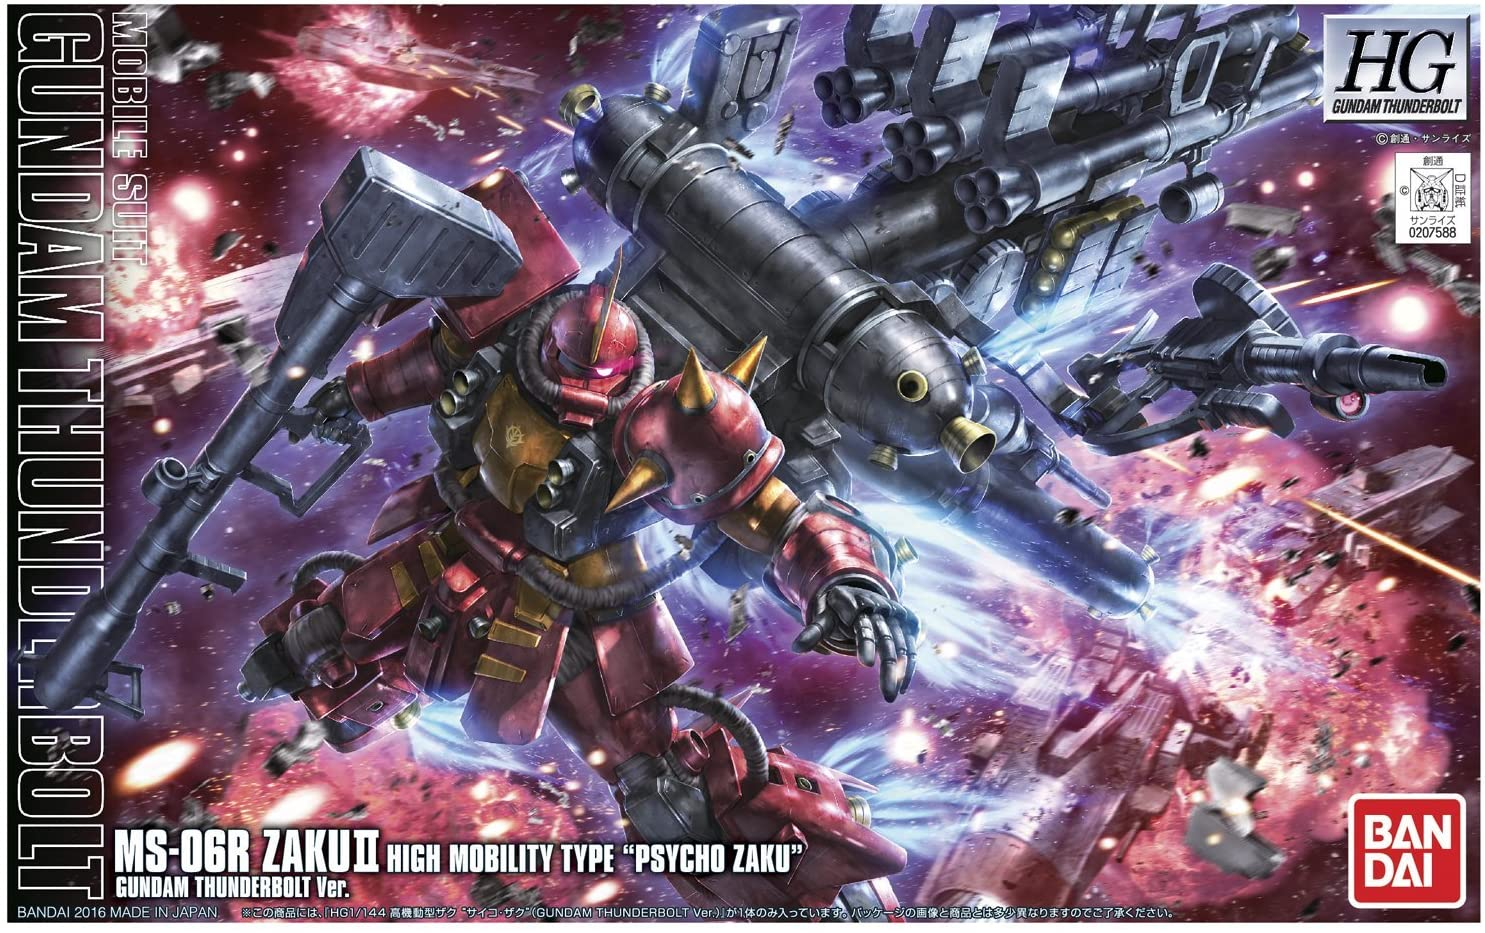 """HGTB 1/144 高機動型ザク """"サイコザク""""(GUNDAM THUNDERBOLT Ver.) [Zaku II High Mobility Type """"Psycho Zaku"""" (Gundam Thunderbolt ONA Ver.)] 0207588"""